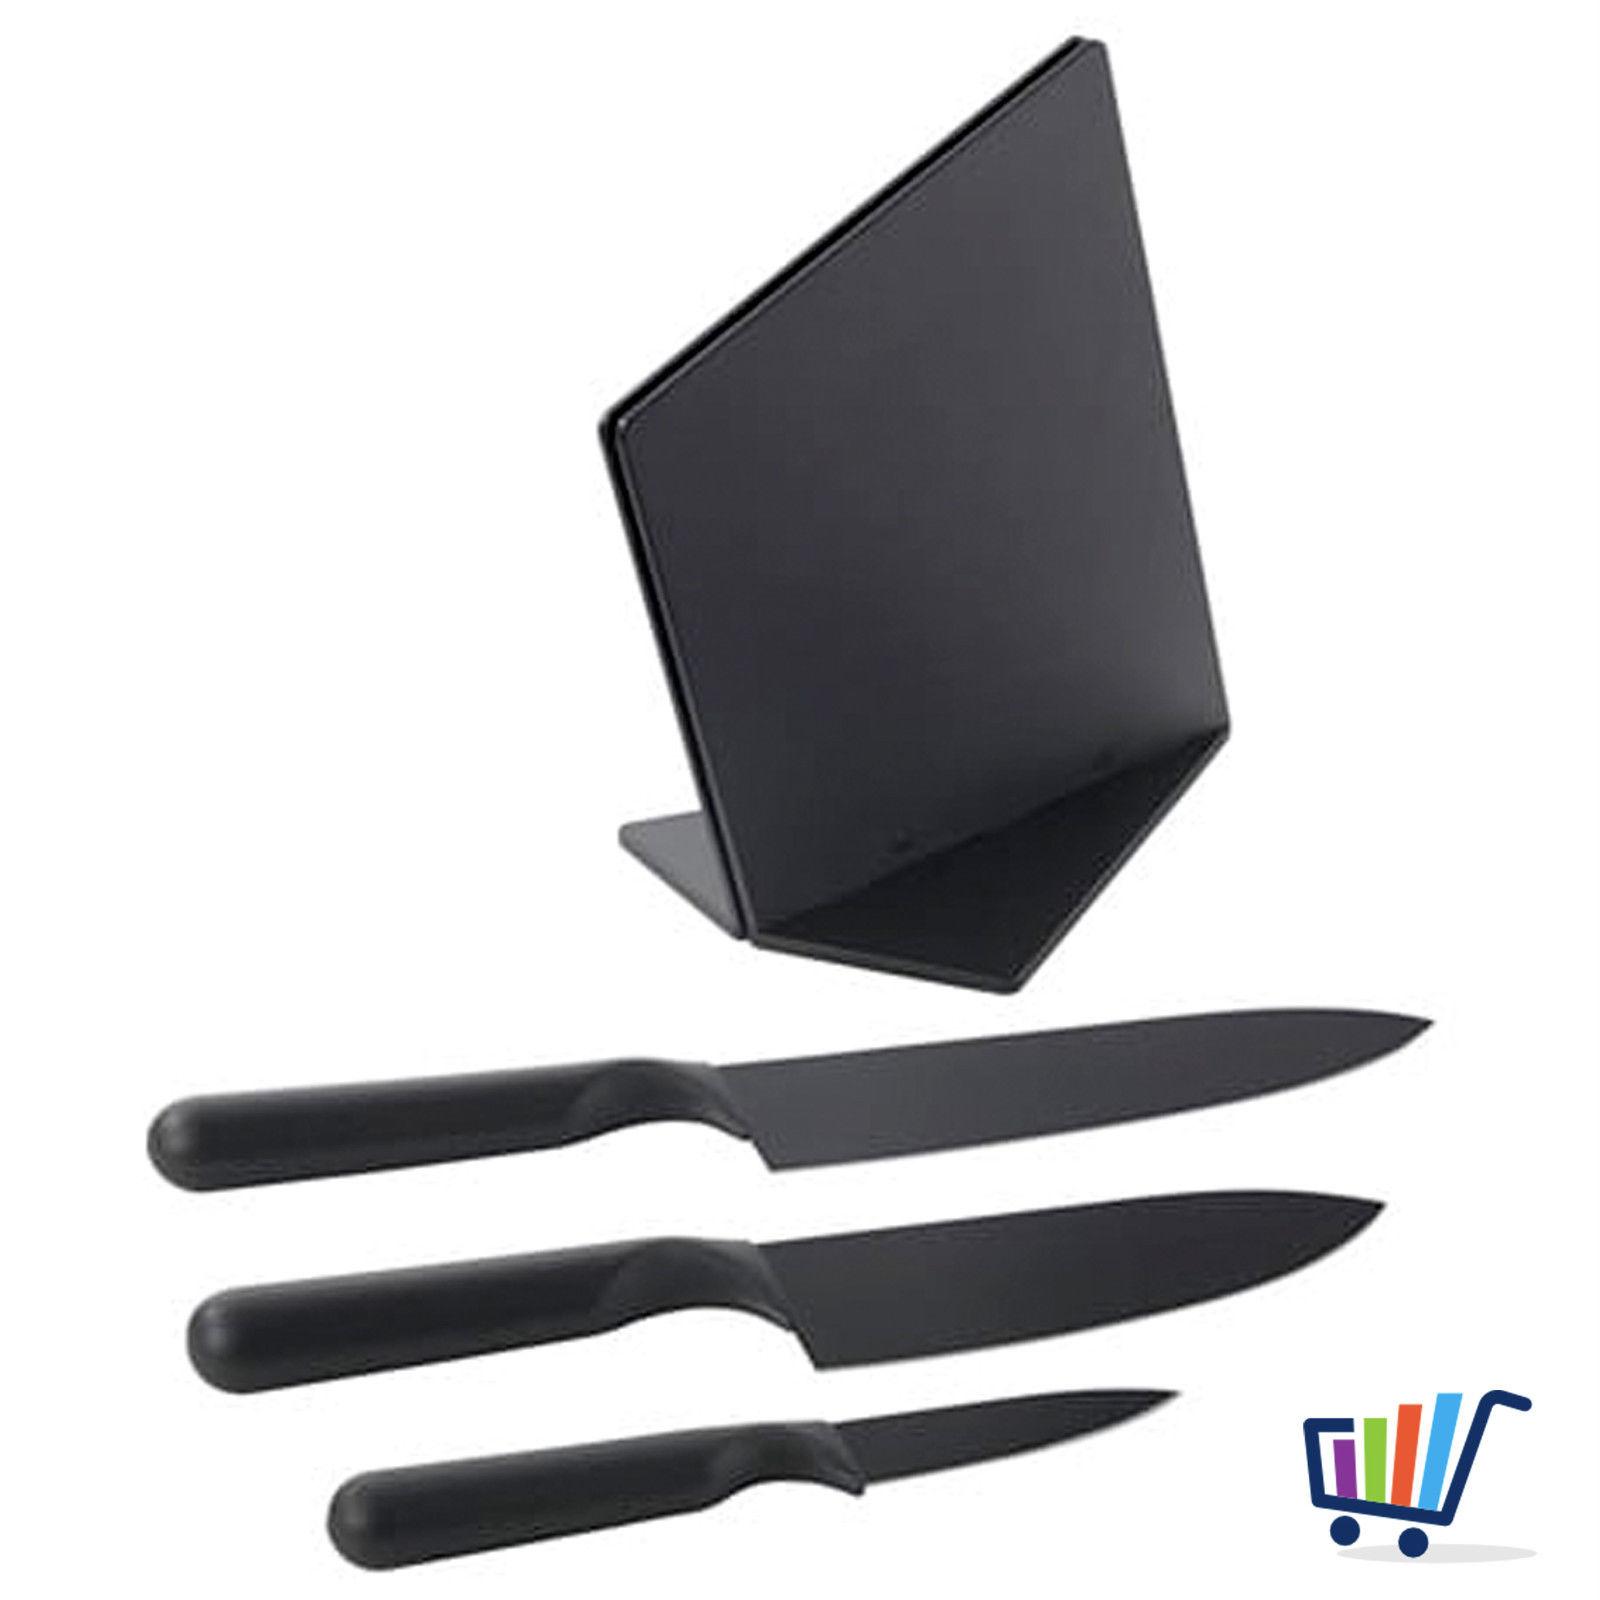 3tlg Designer Ikea Messerset Messer Set Kochmesser Küchenmesser ...